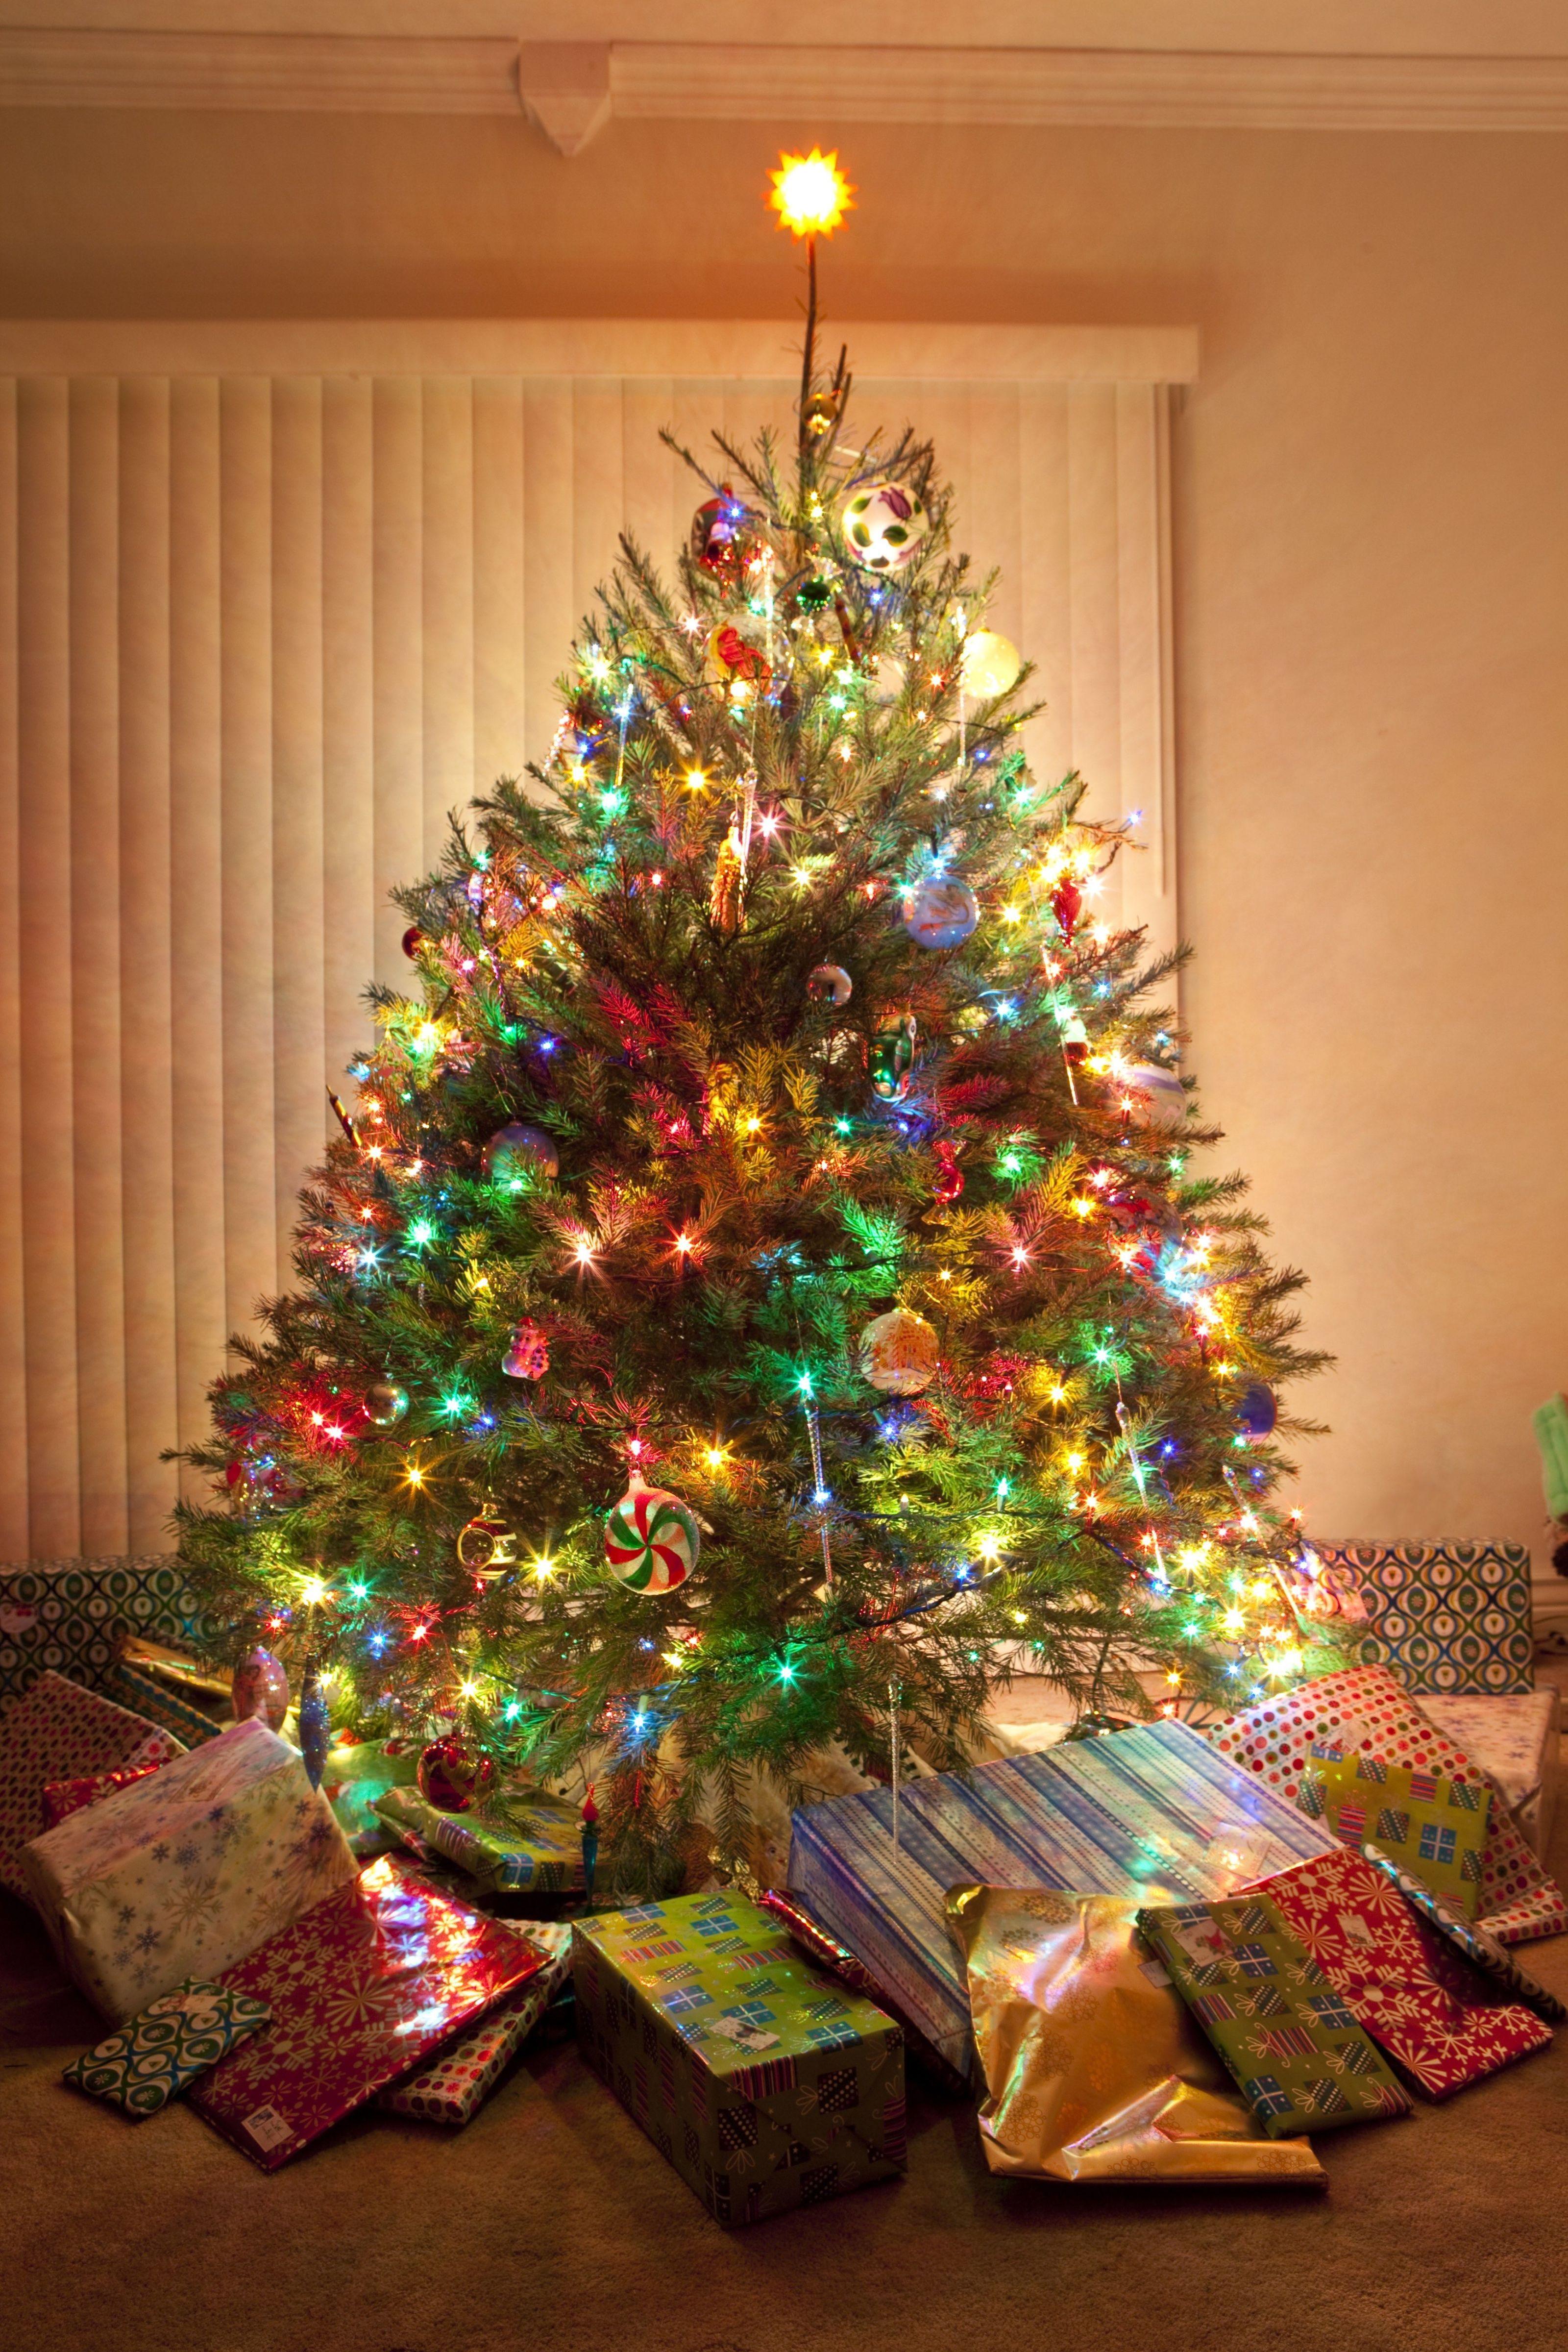 White Christmas Lights Or Colored Christmas Lights